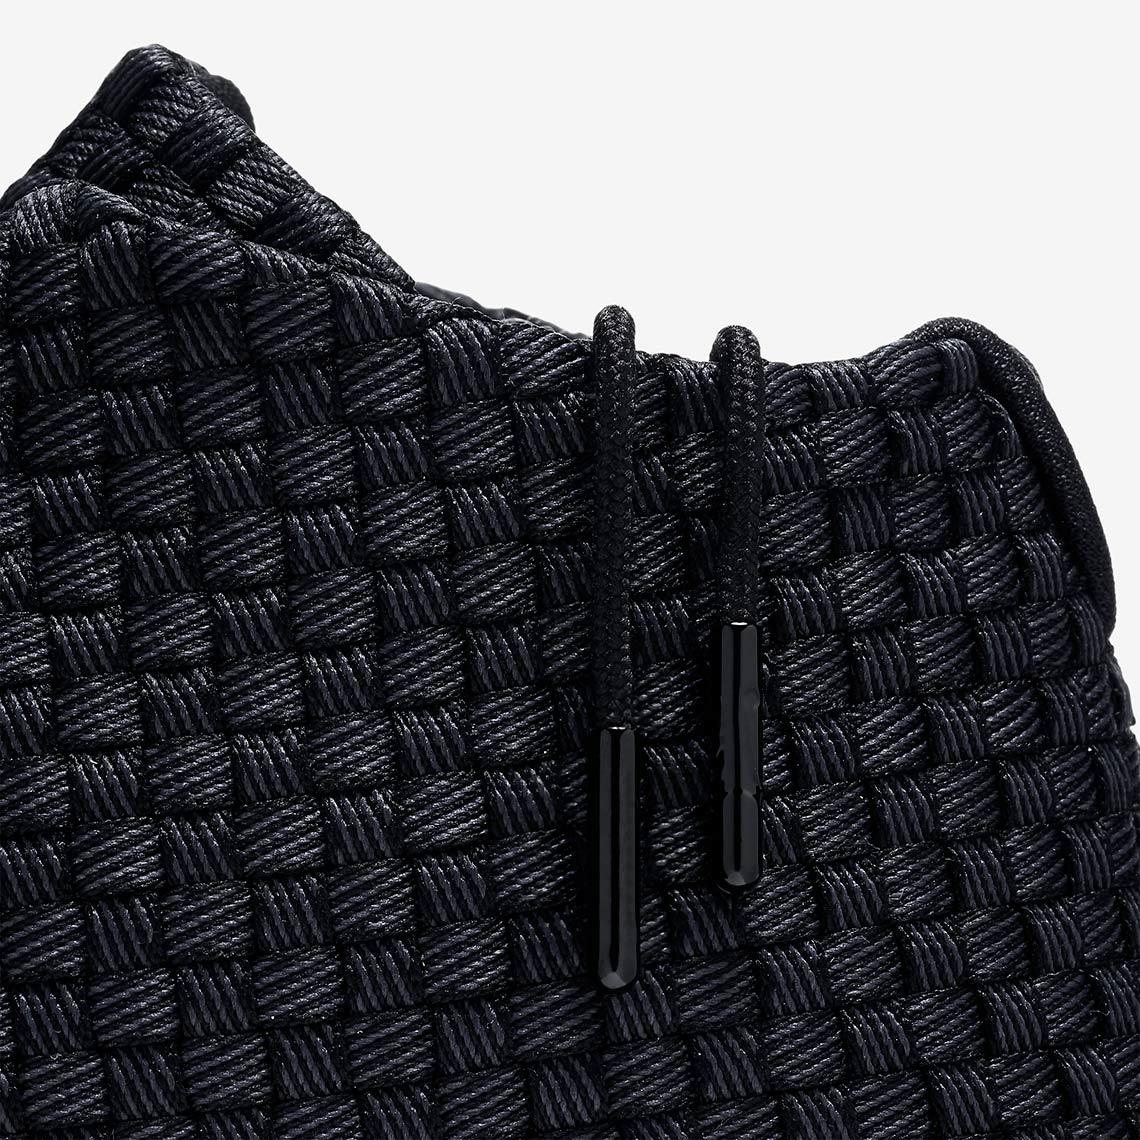 0dccfa21ae9a14 Air Jordan Future Triple Black 656503-001 Available Now ...